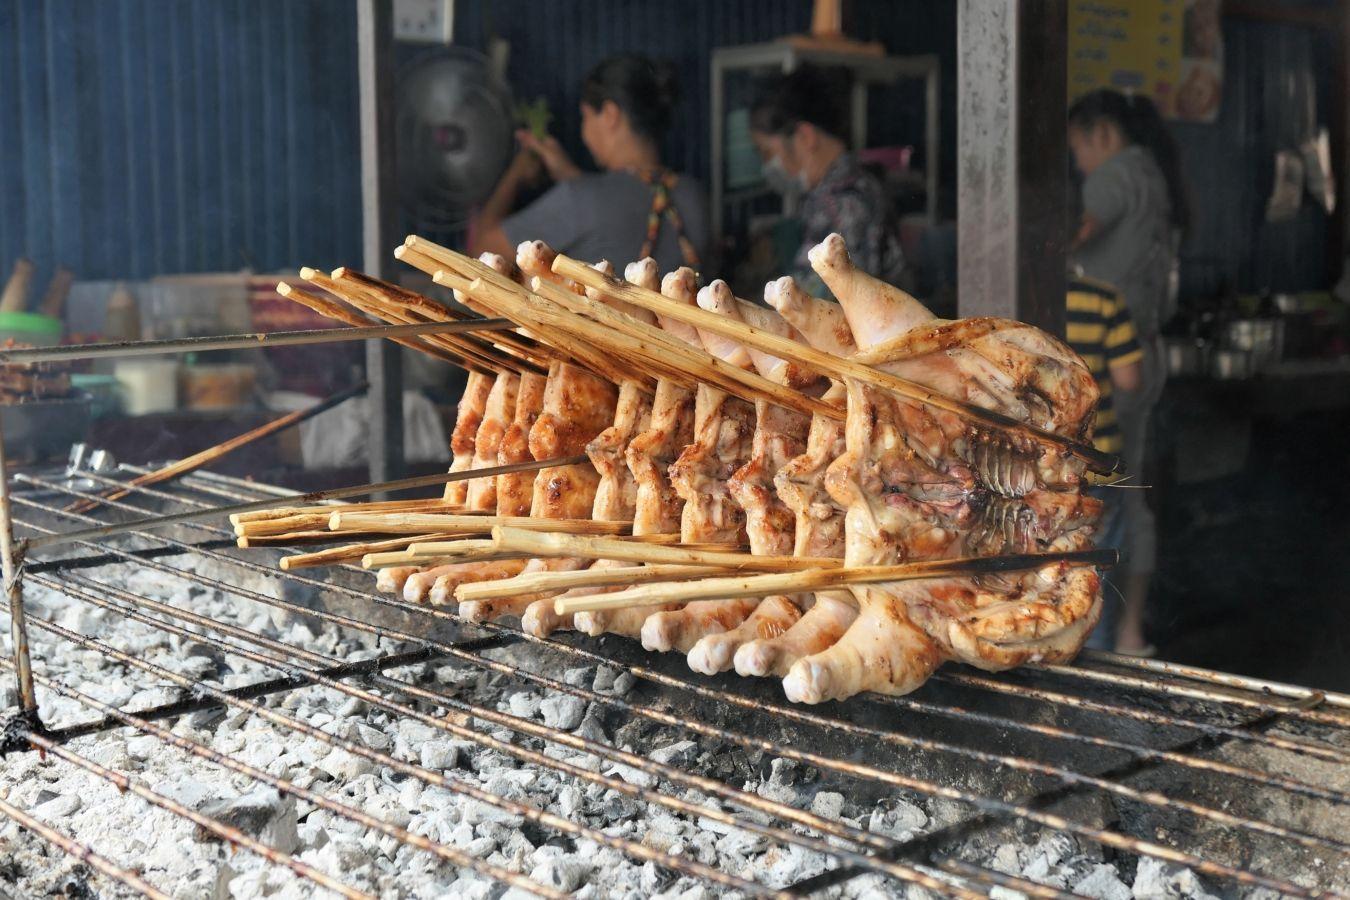 Descubre dónde probar el mejor pollo a la parrilla de Tailandia: el pollo isaan. Aprende también a hacerlo en casa siguiendo la receta tradicional | Gastronomadistas